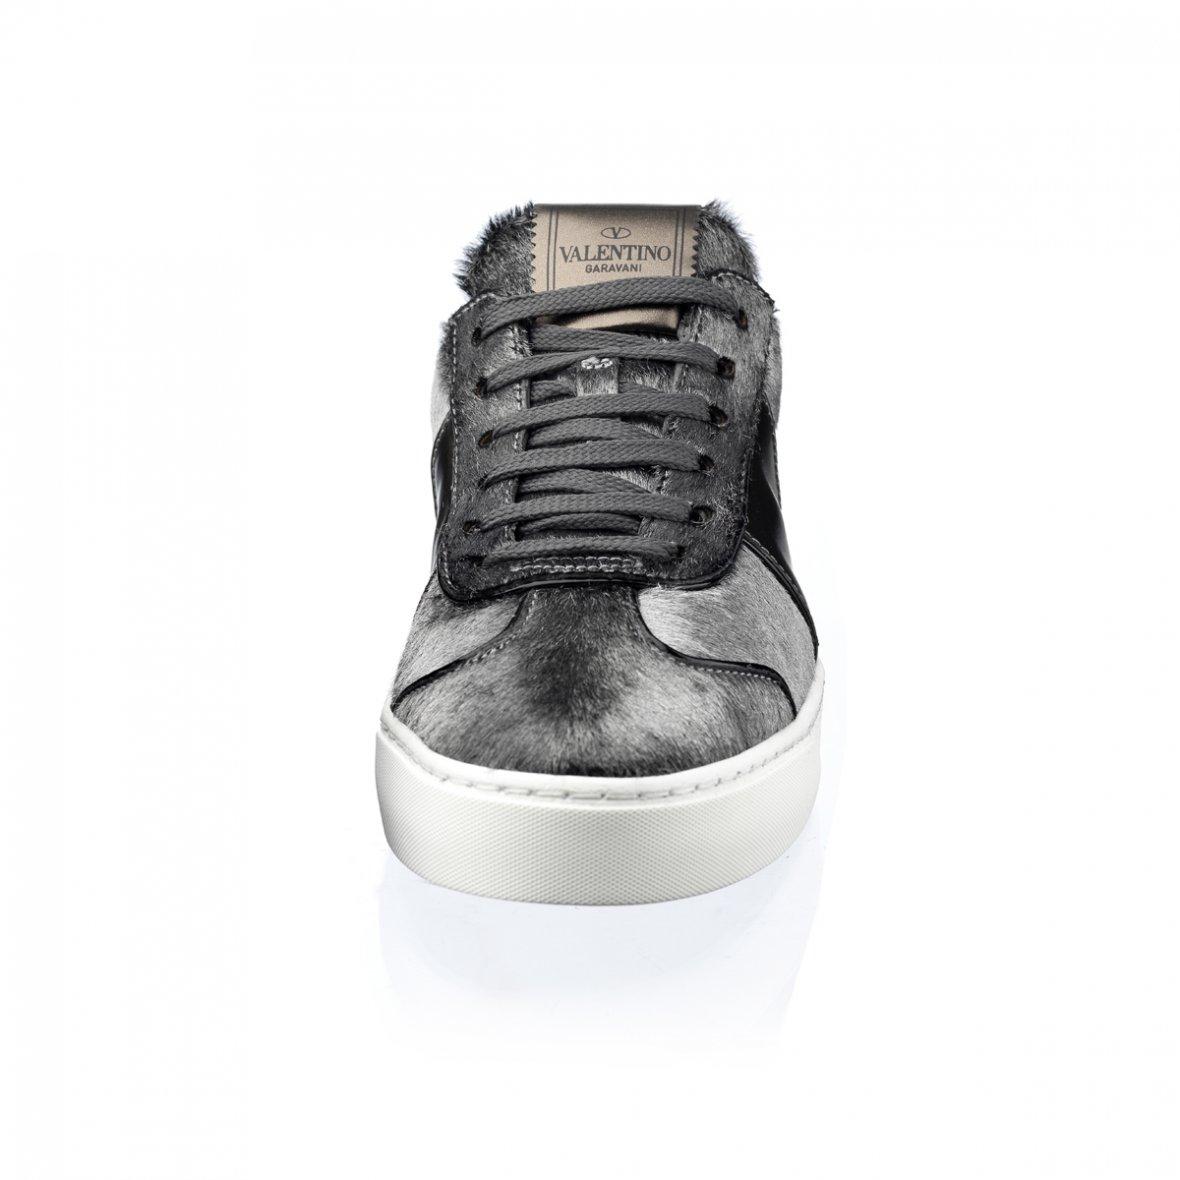 Prøv de lækre sko fra Valentino